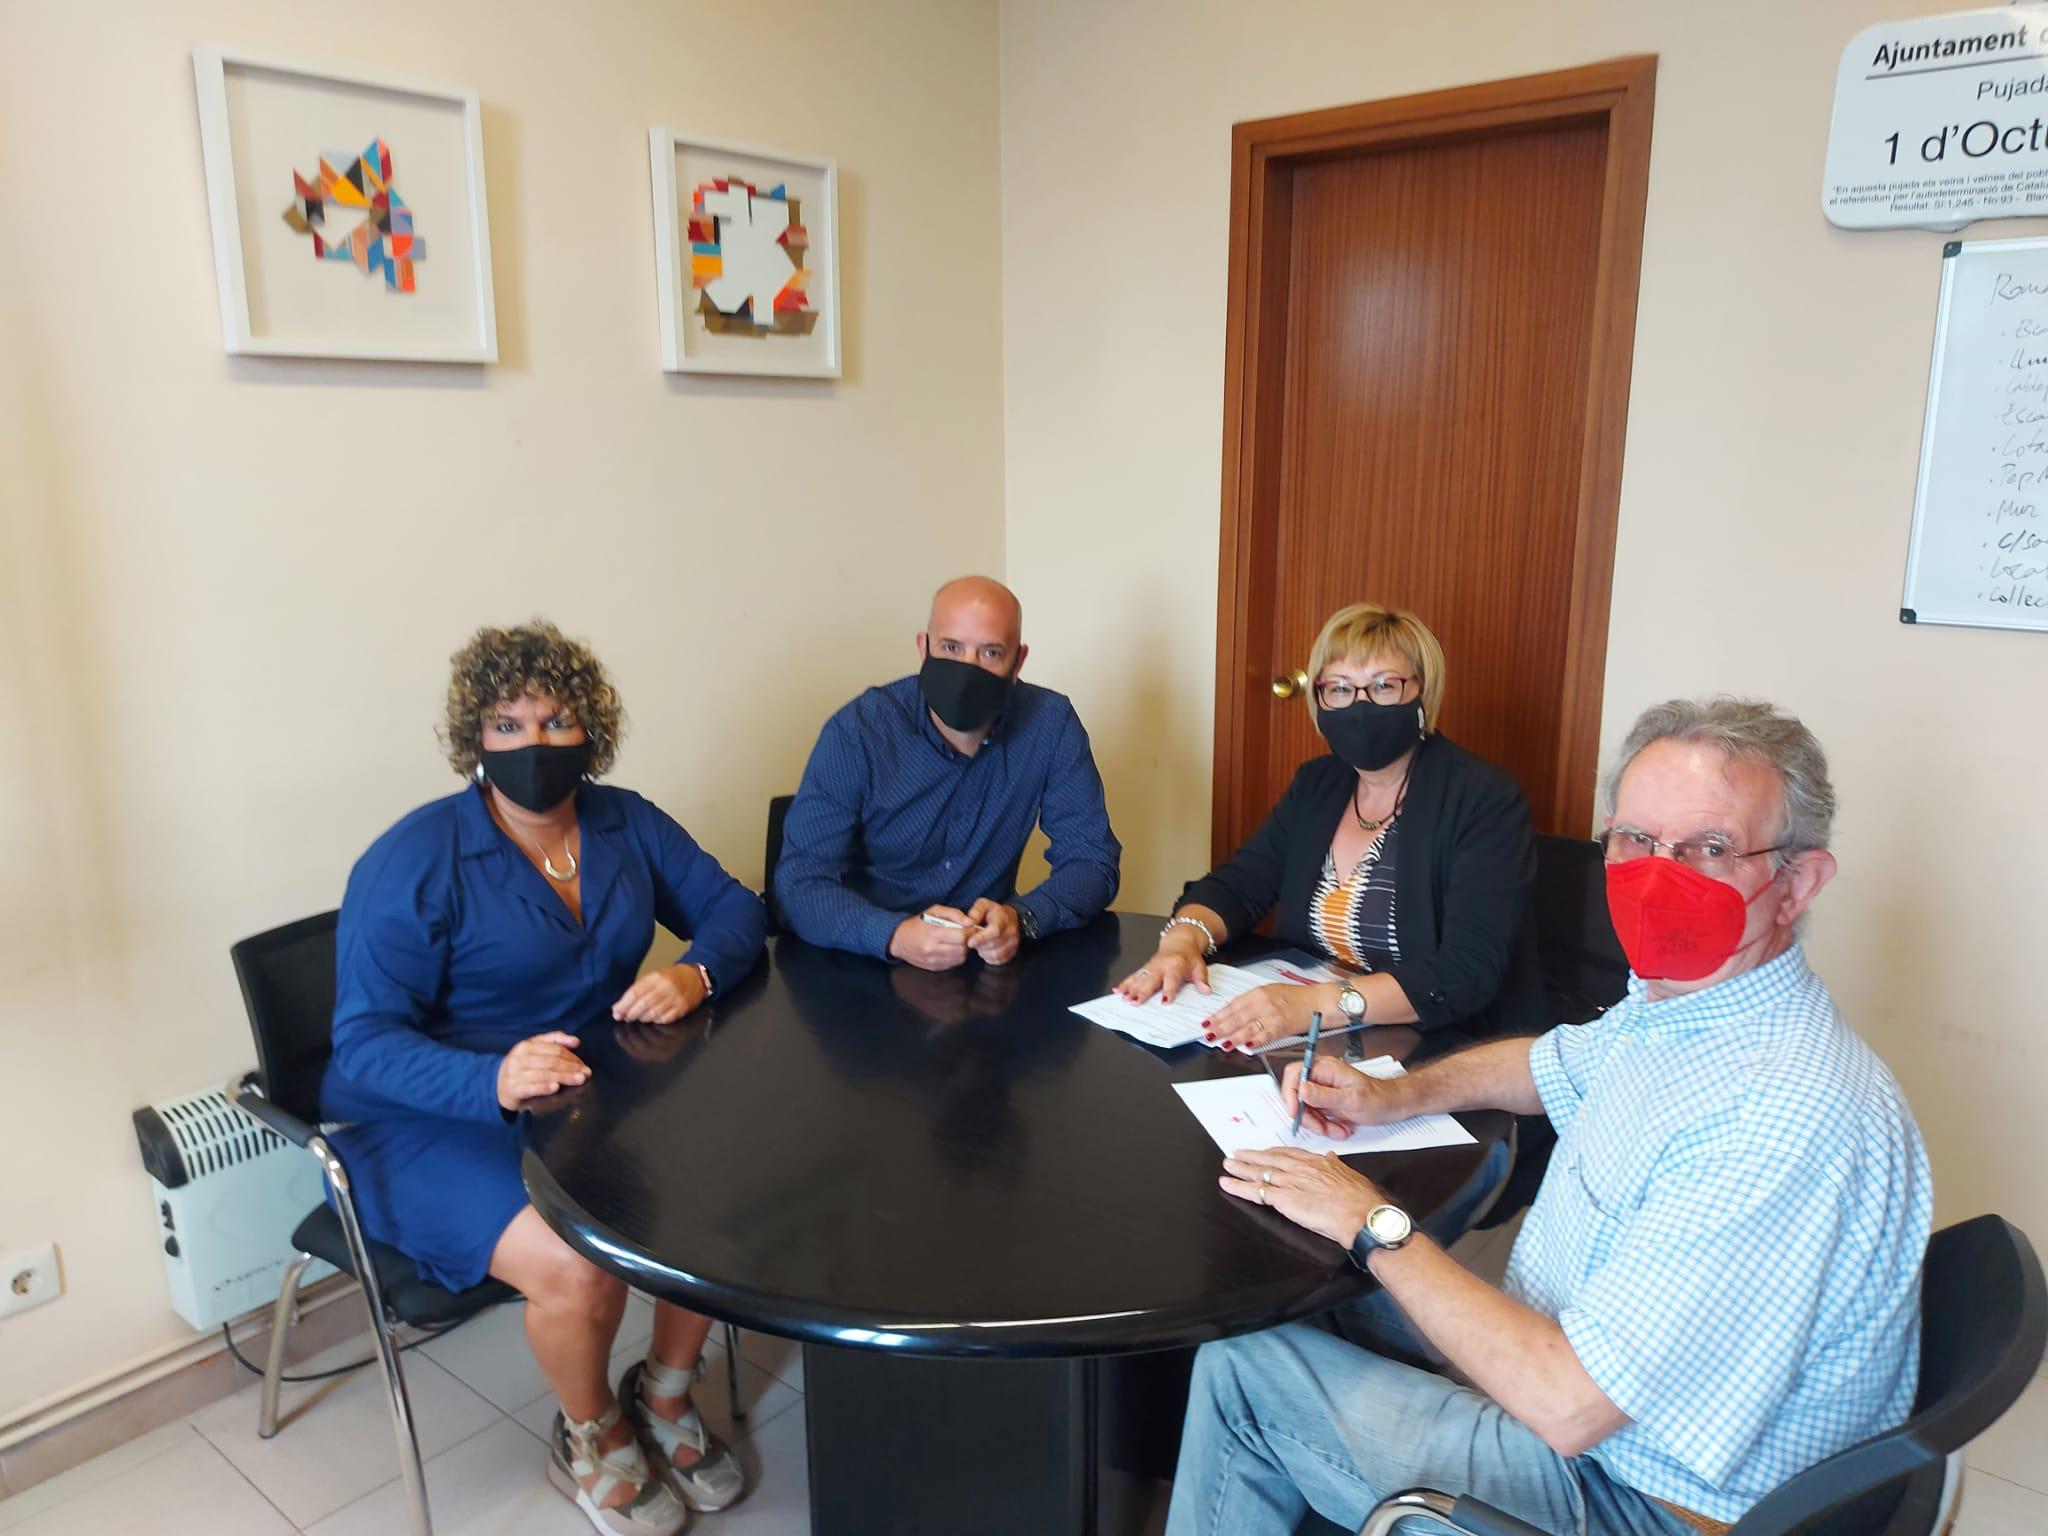 Conveni de col·laboració entre Creu Roja i l'Ajuntament d'Ullastrell